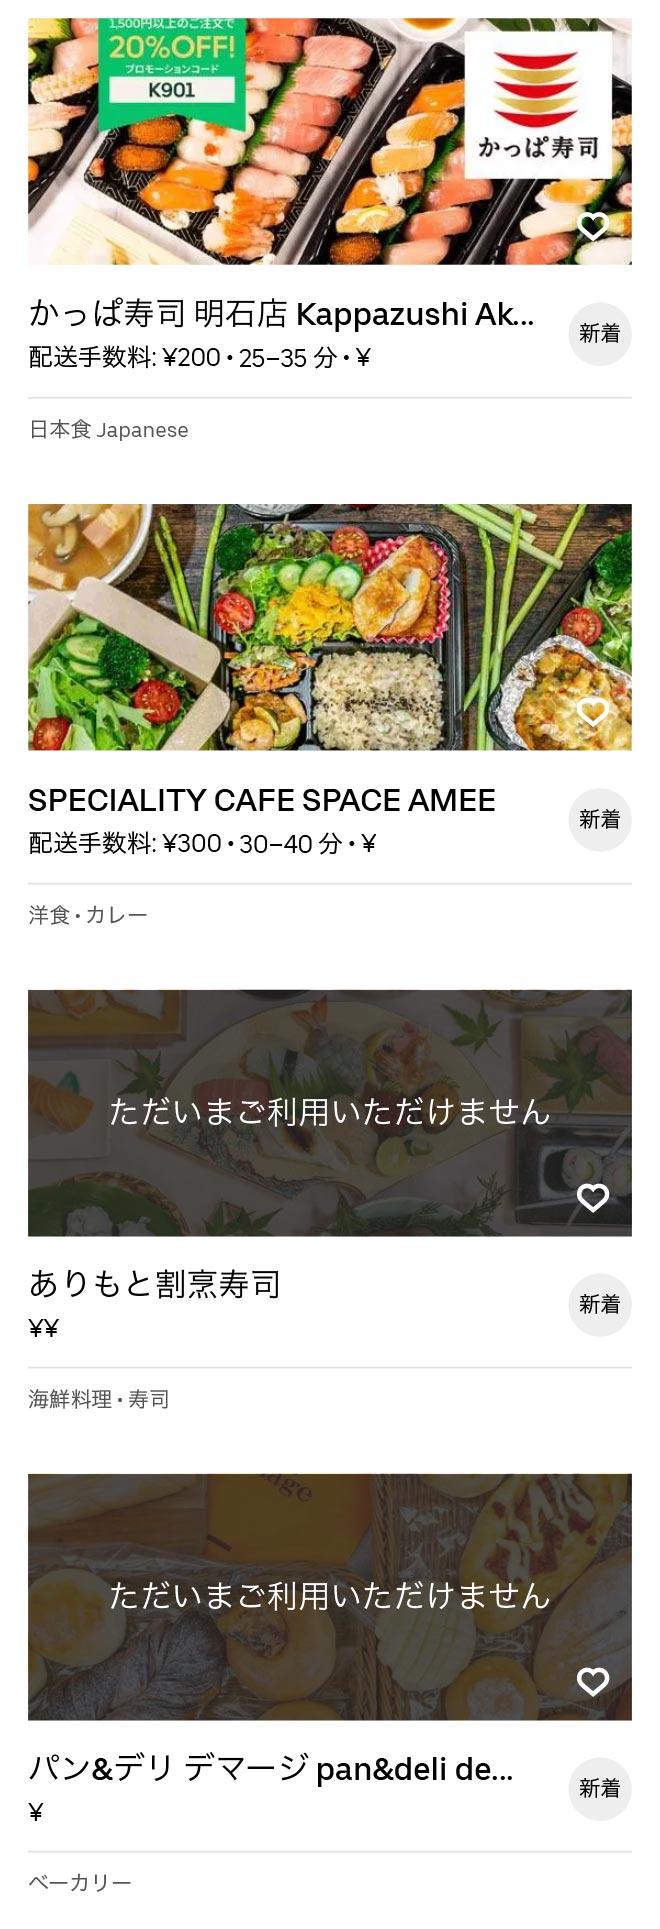 Sanyo akashi menu 2010 08